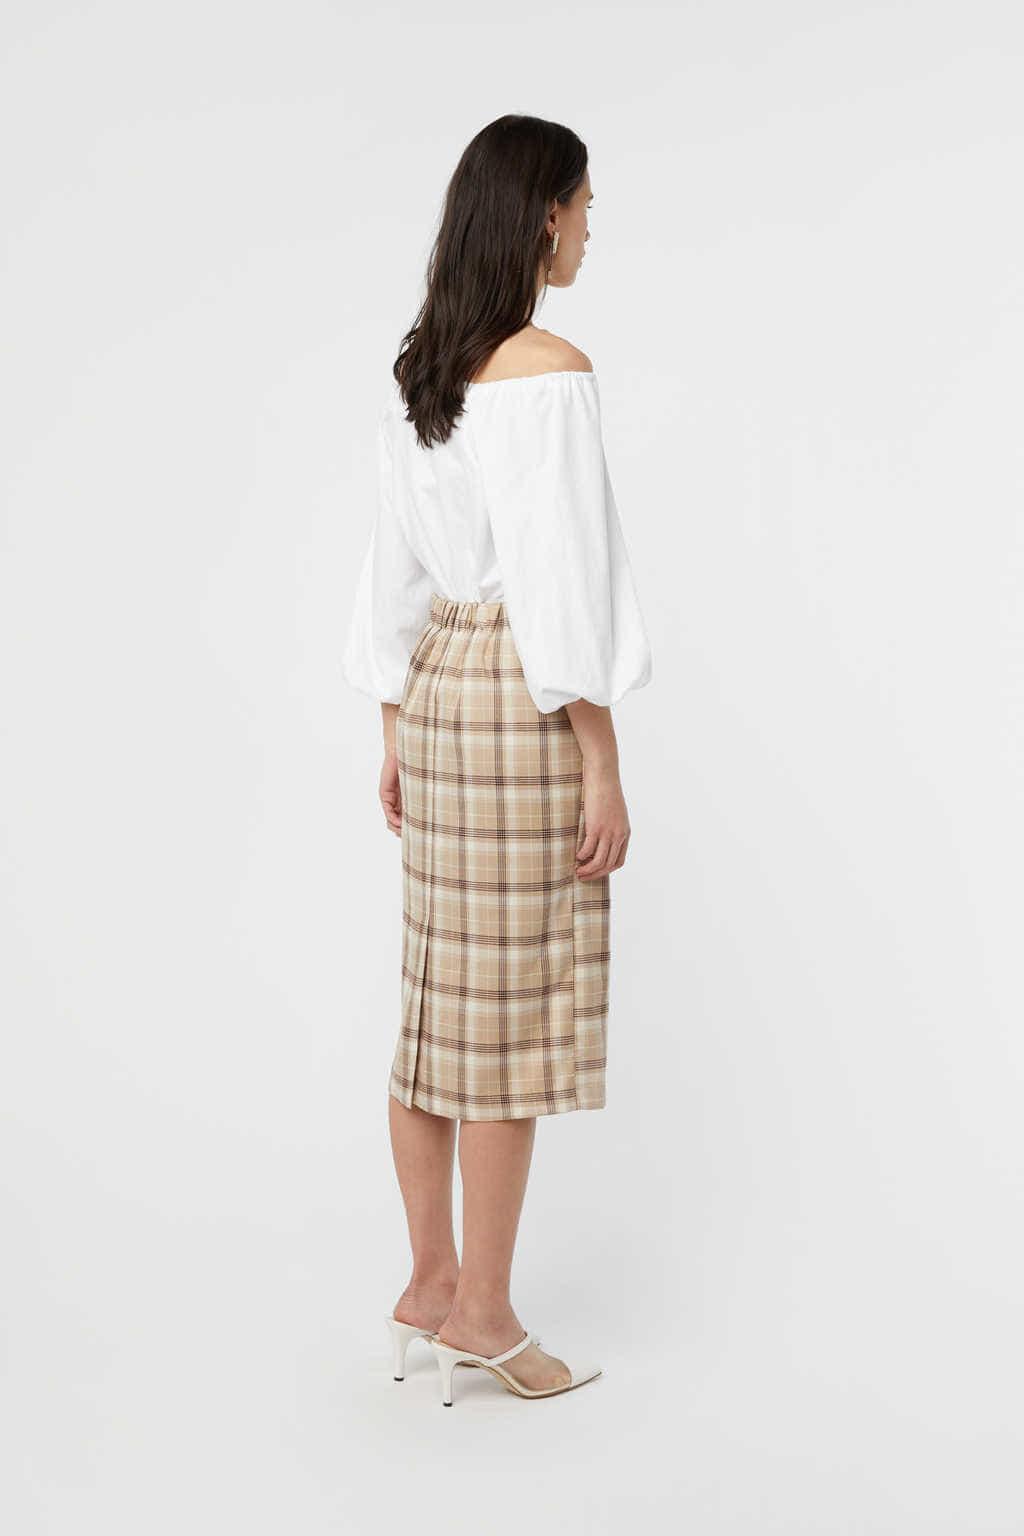 Skirt K002 Beige 4